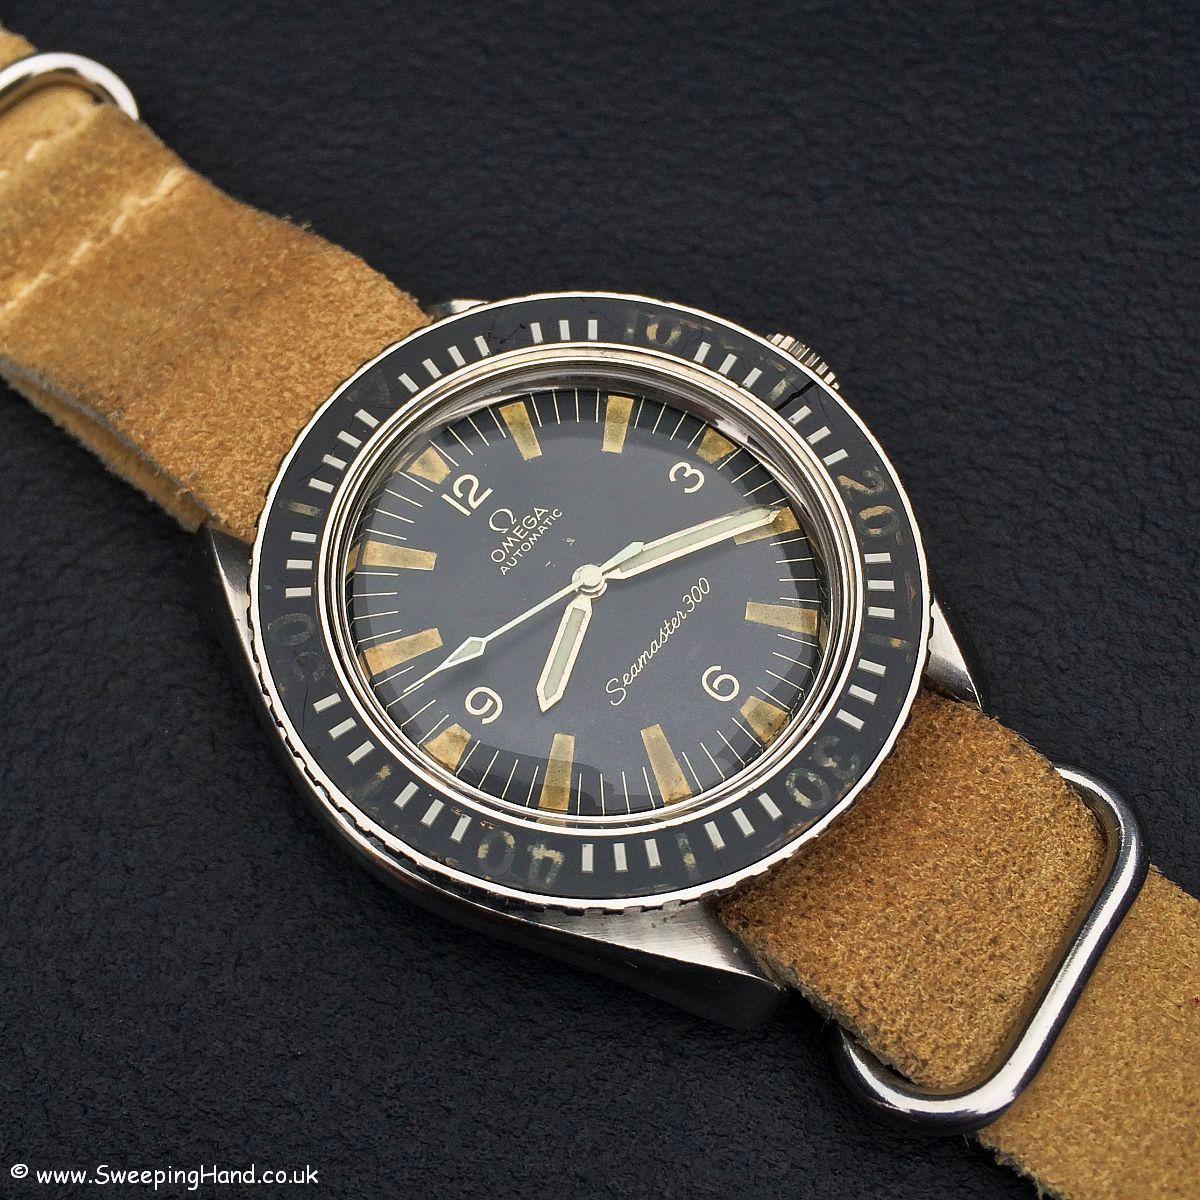 Vintage Omega Seamaster 300 Amazing Watches